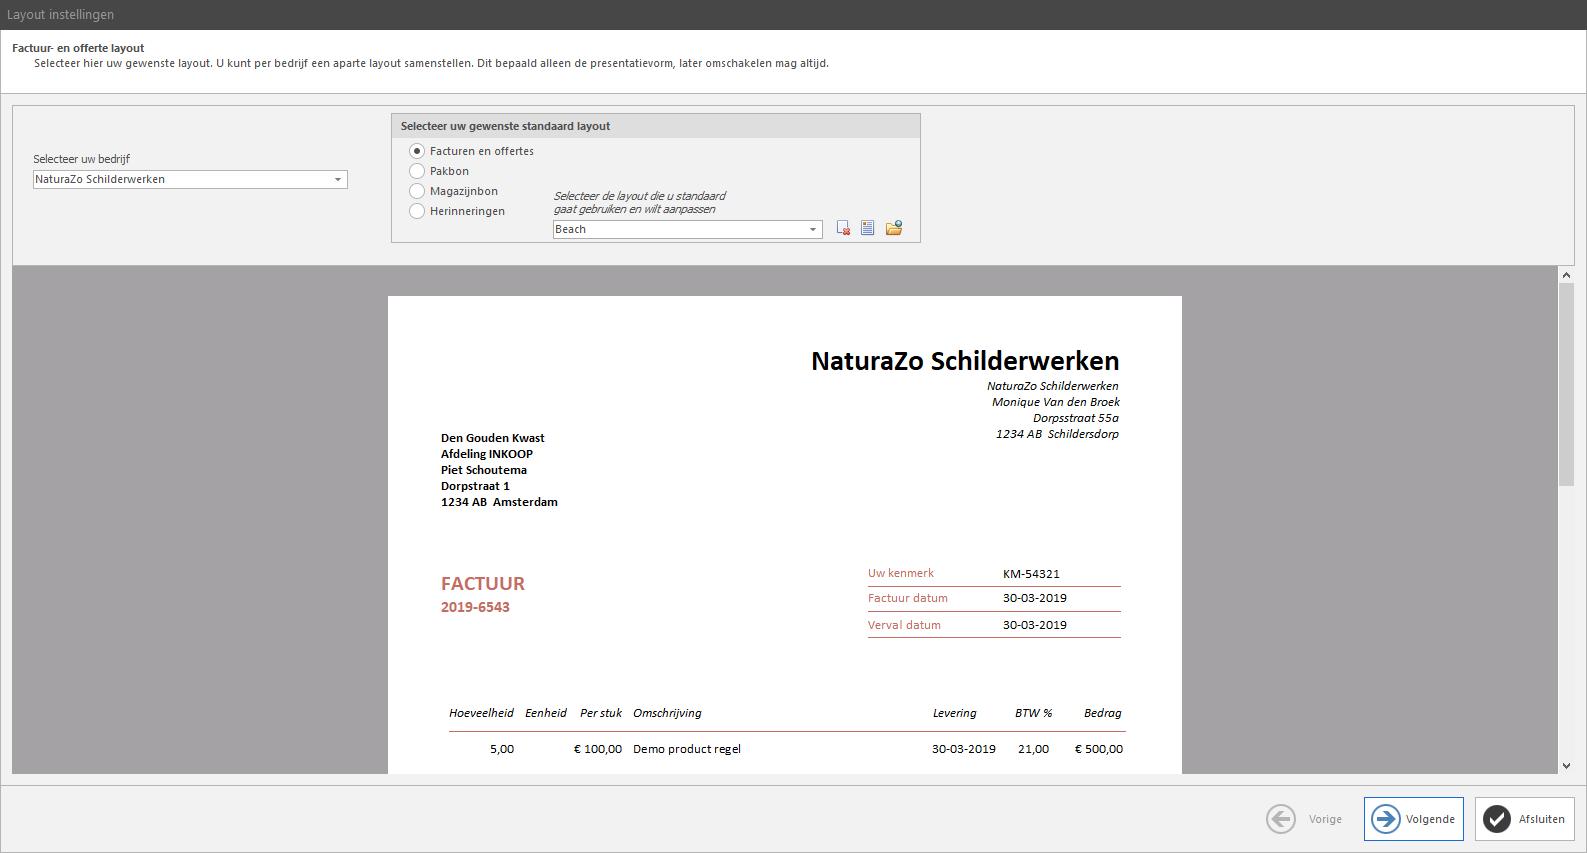 PERIFACT factuur programma van ZZP tot MKB -  Aanpasbare layouts